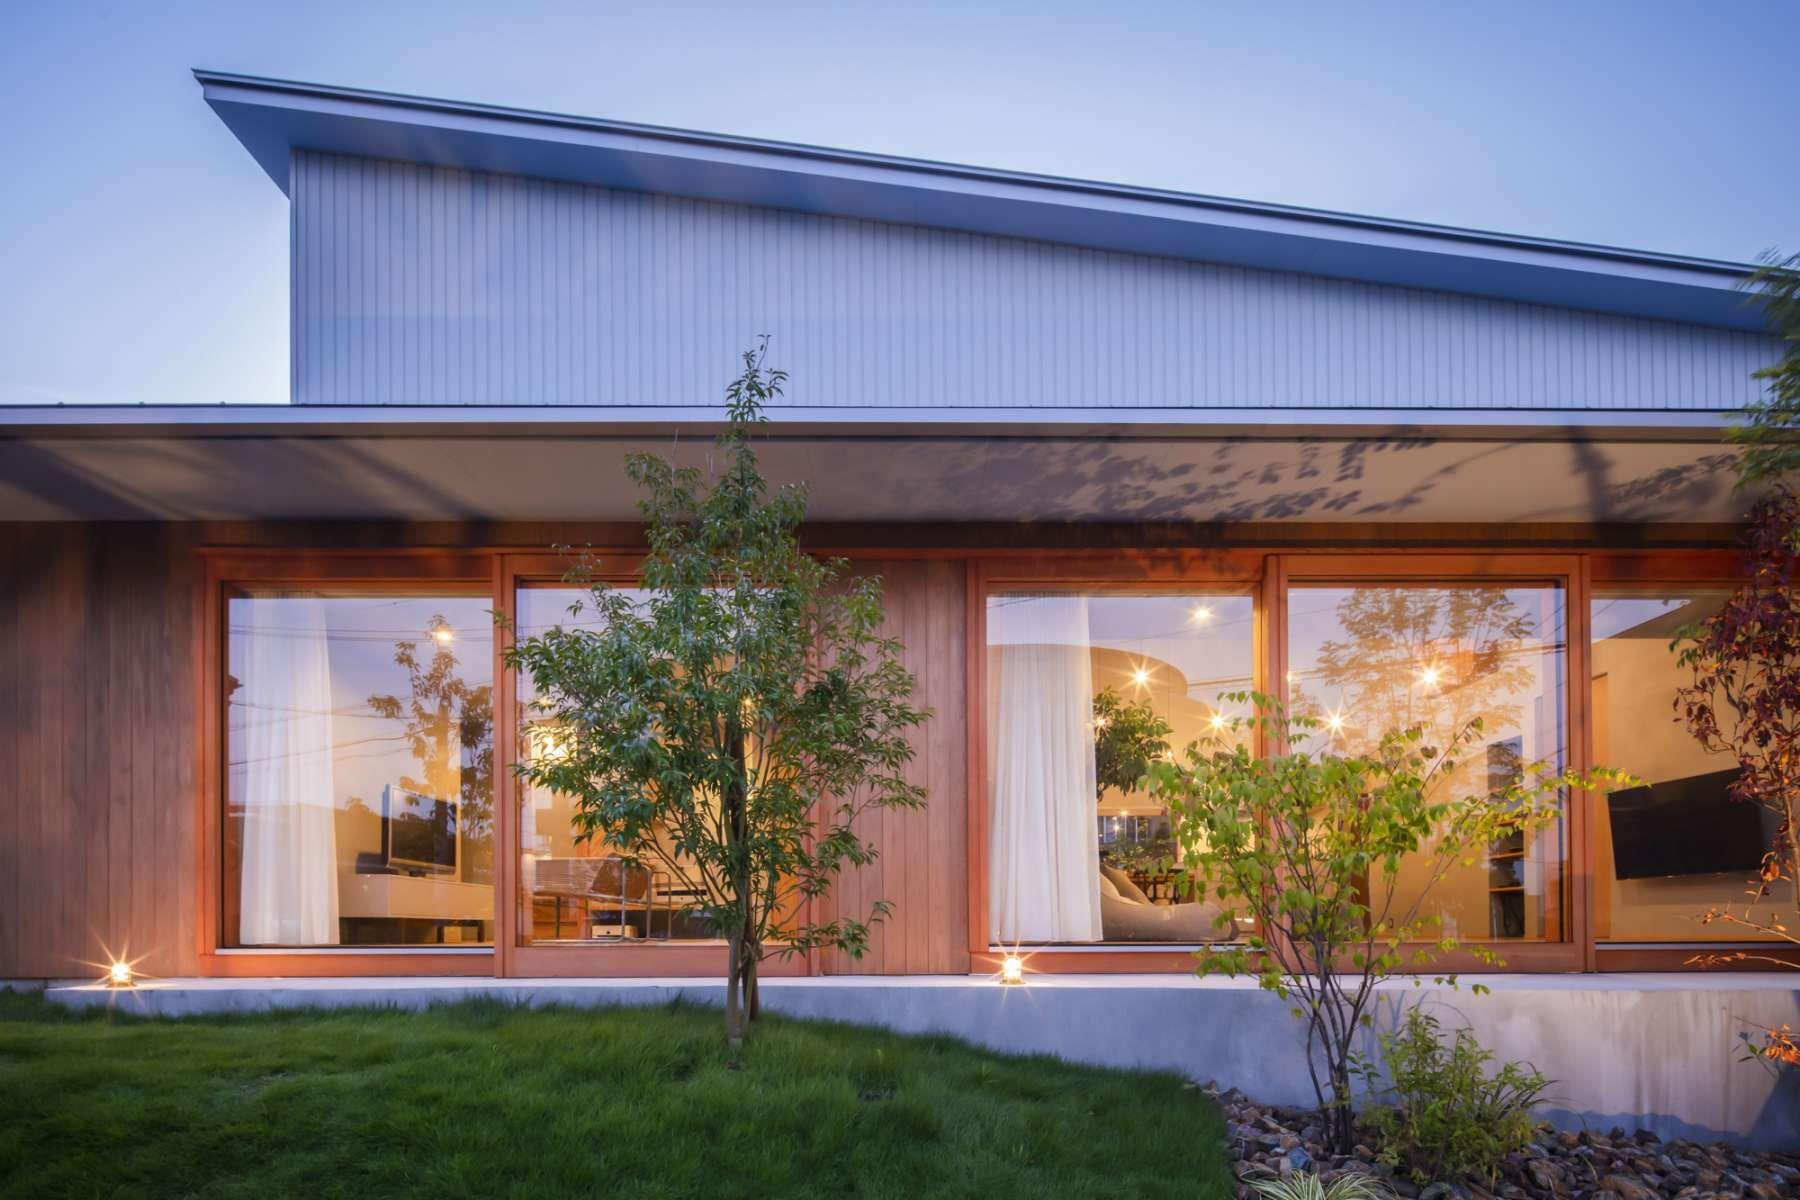 知多の家 エクリアーキテクツ 名古屋市の一級建築士事務所 2020